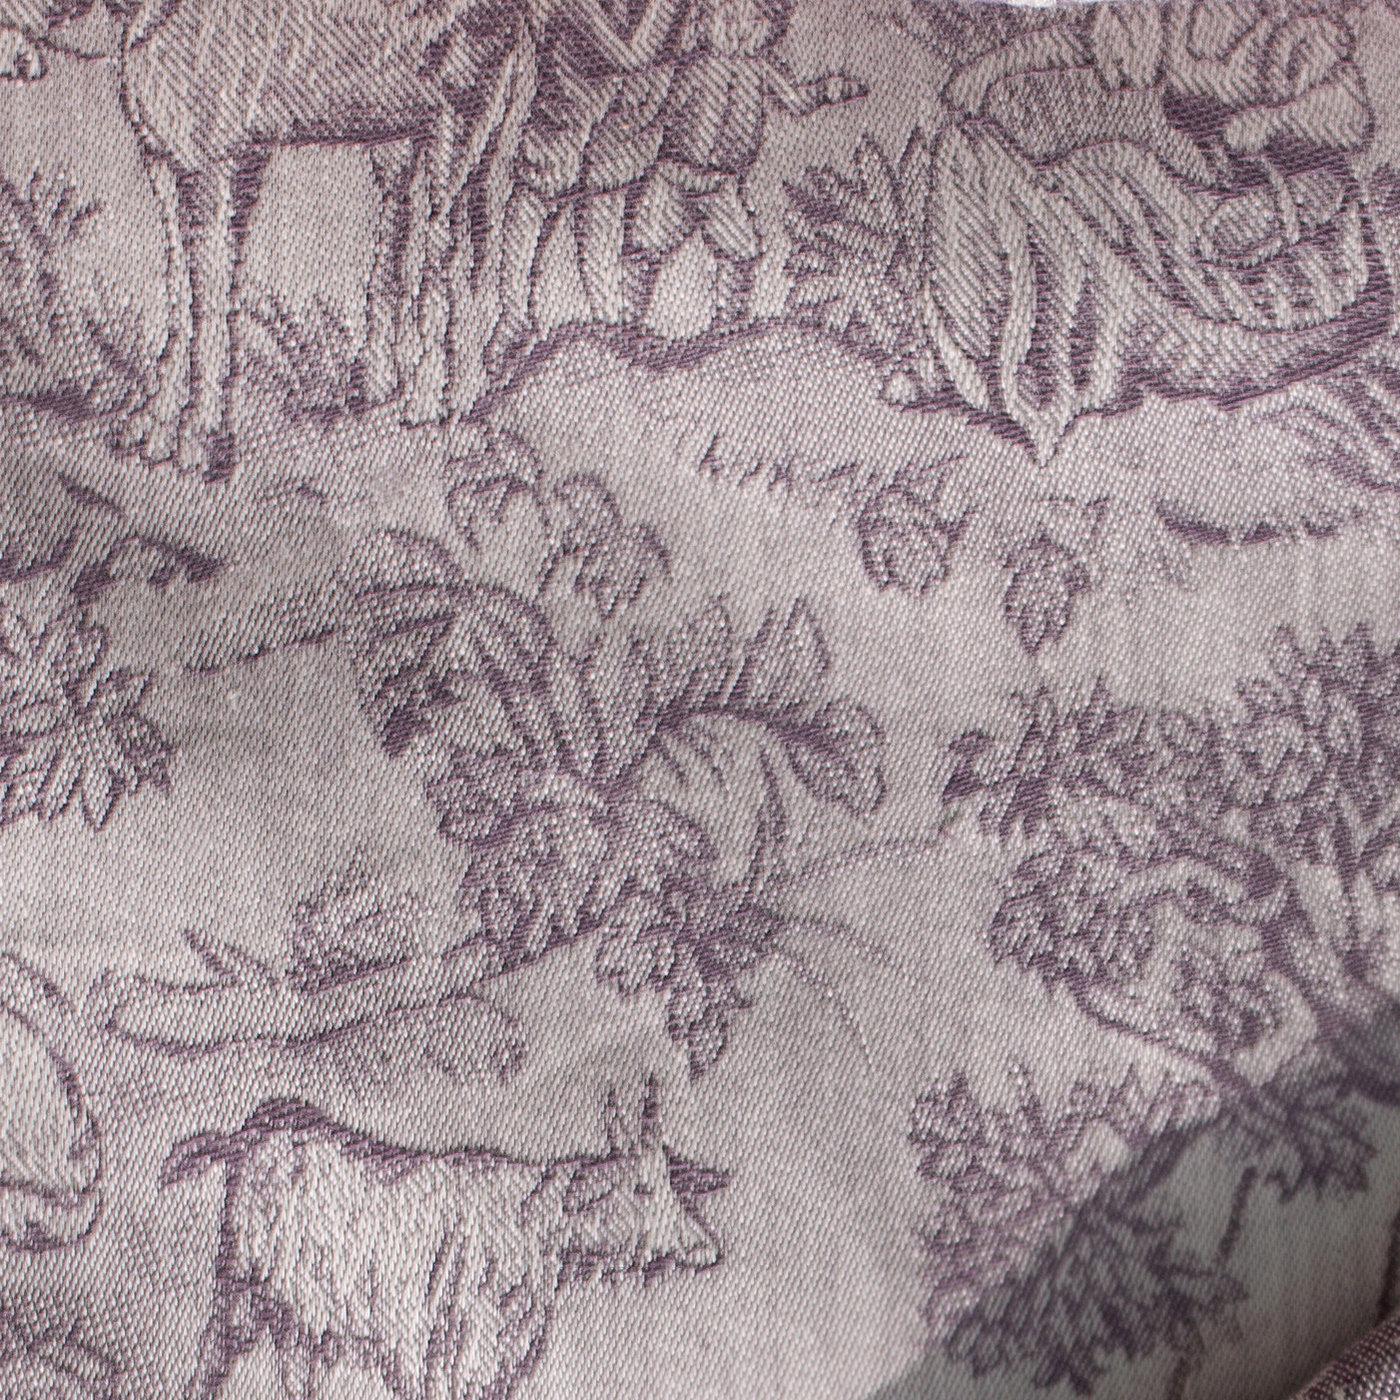 Musterlasche Baumwolljacquard Toile De Jouy Von Leitner Leinen